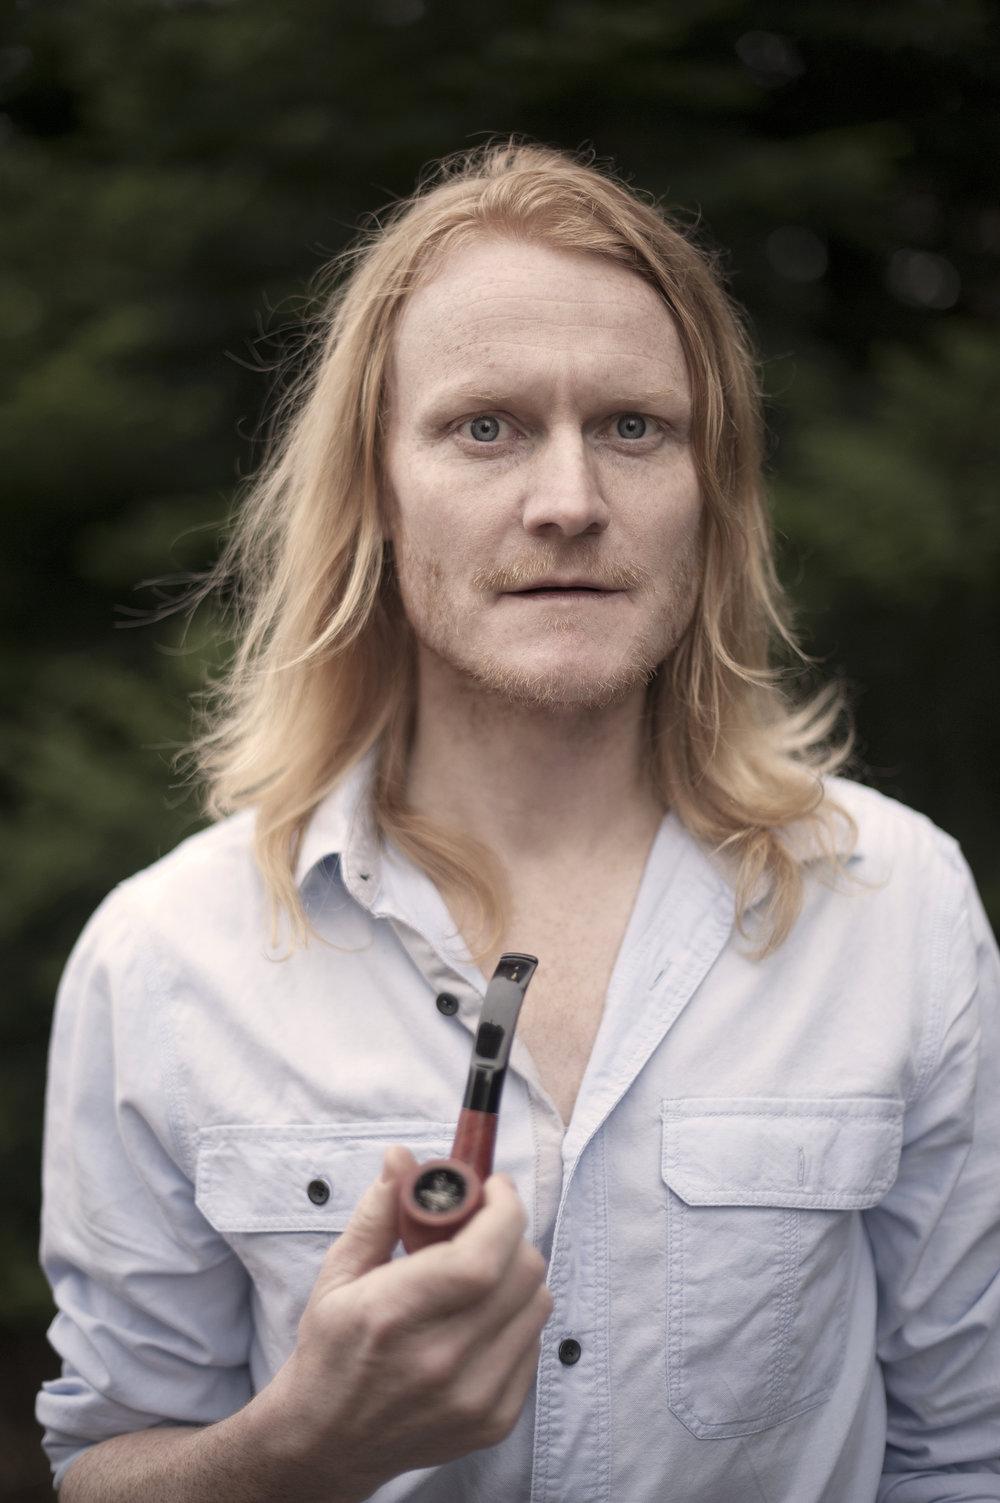 Lars Lindquist